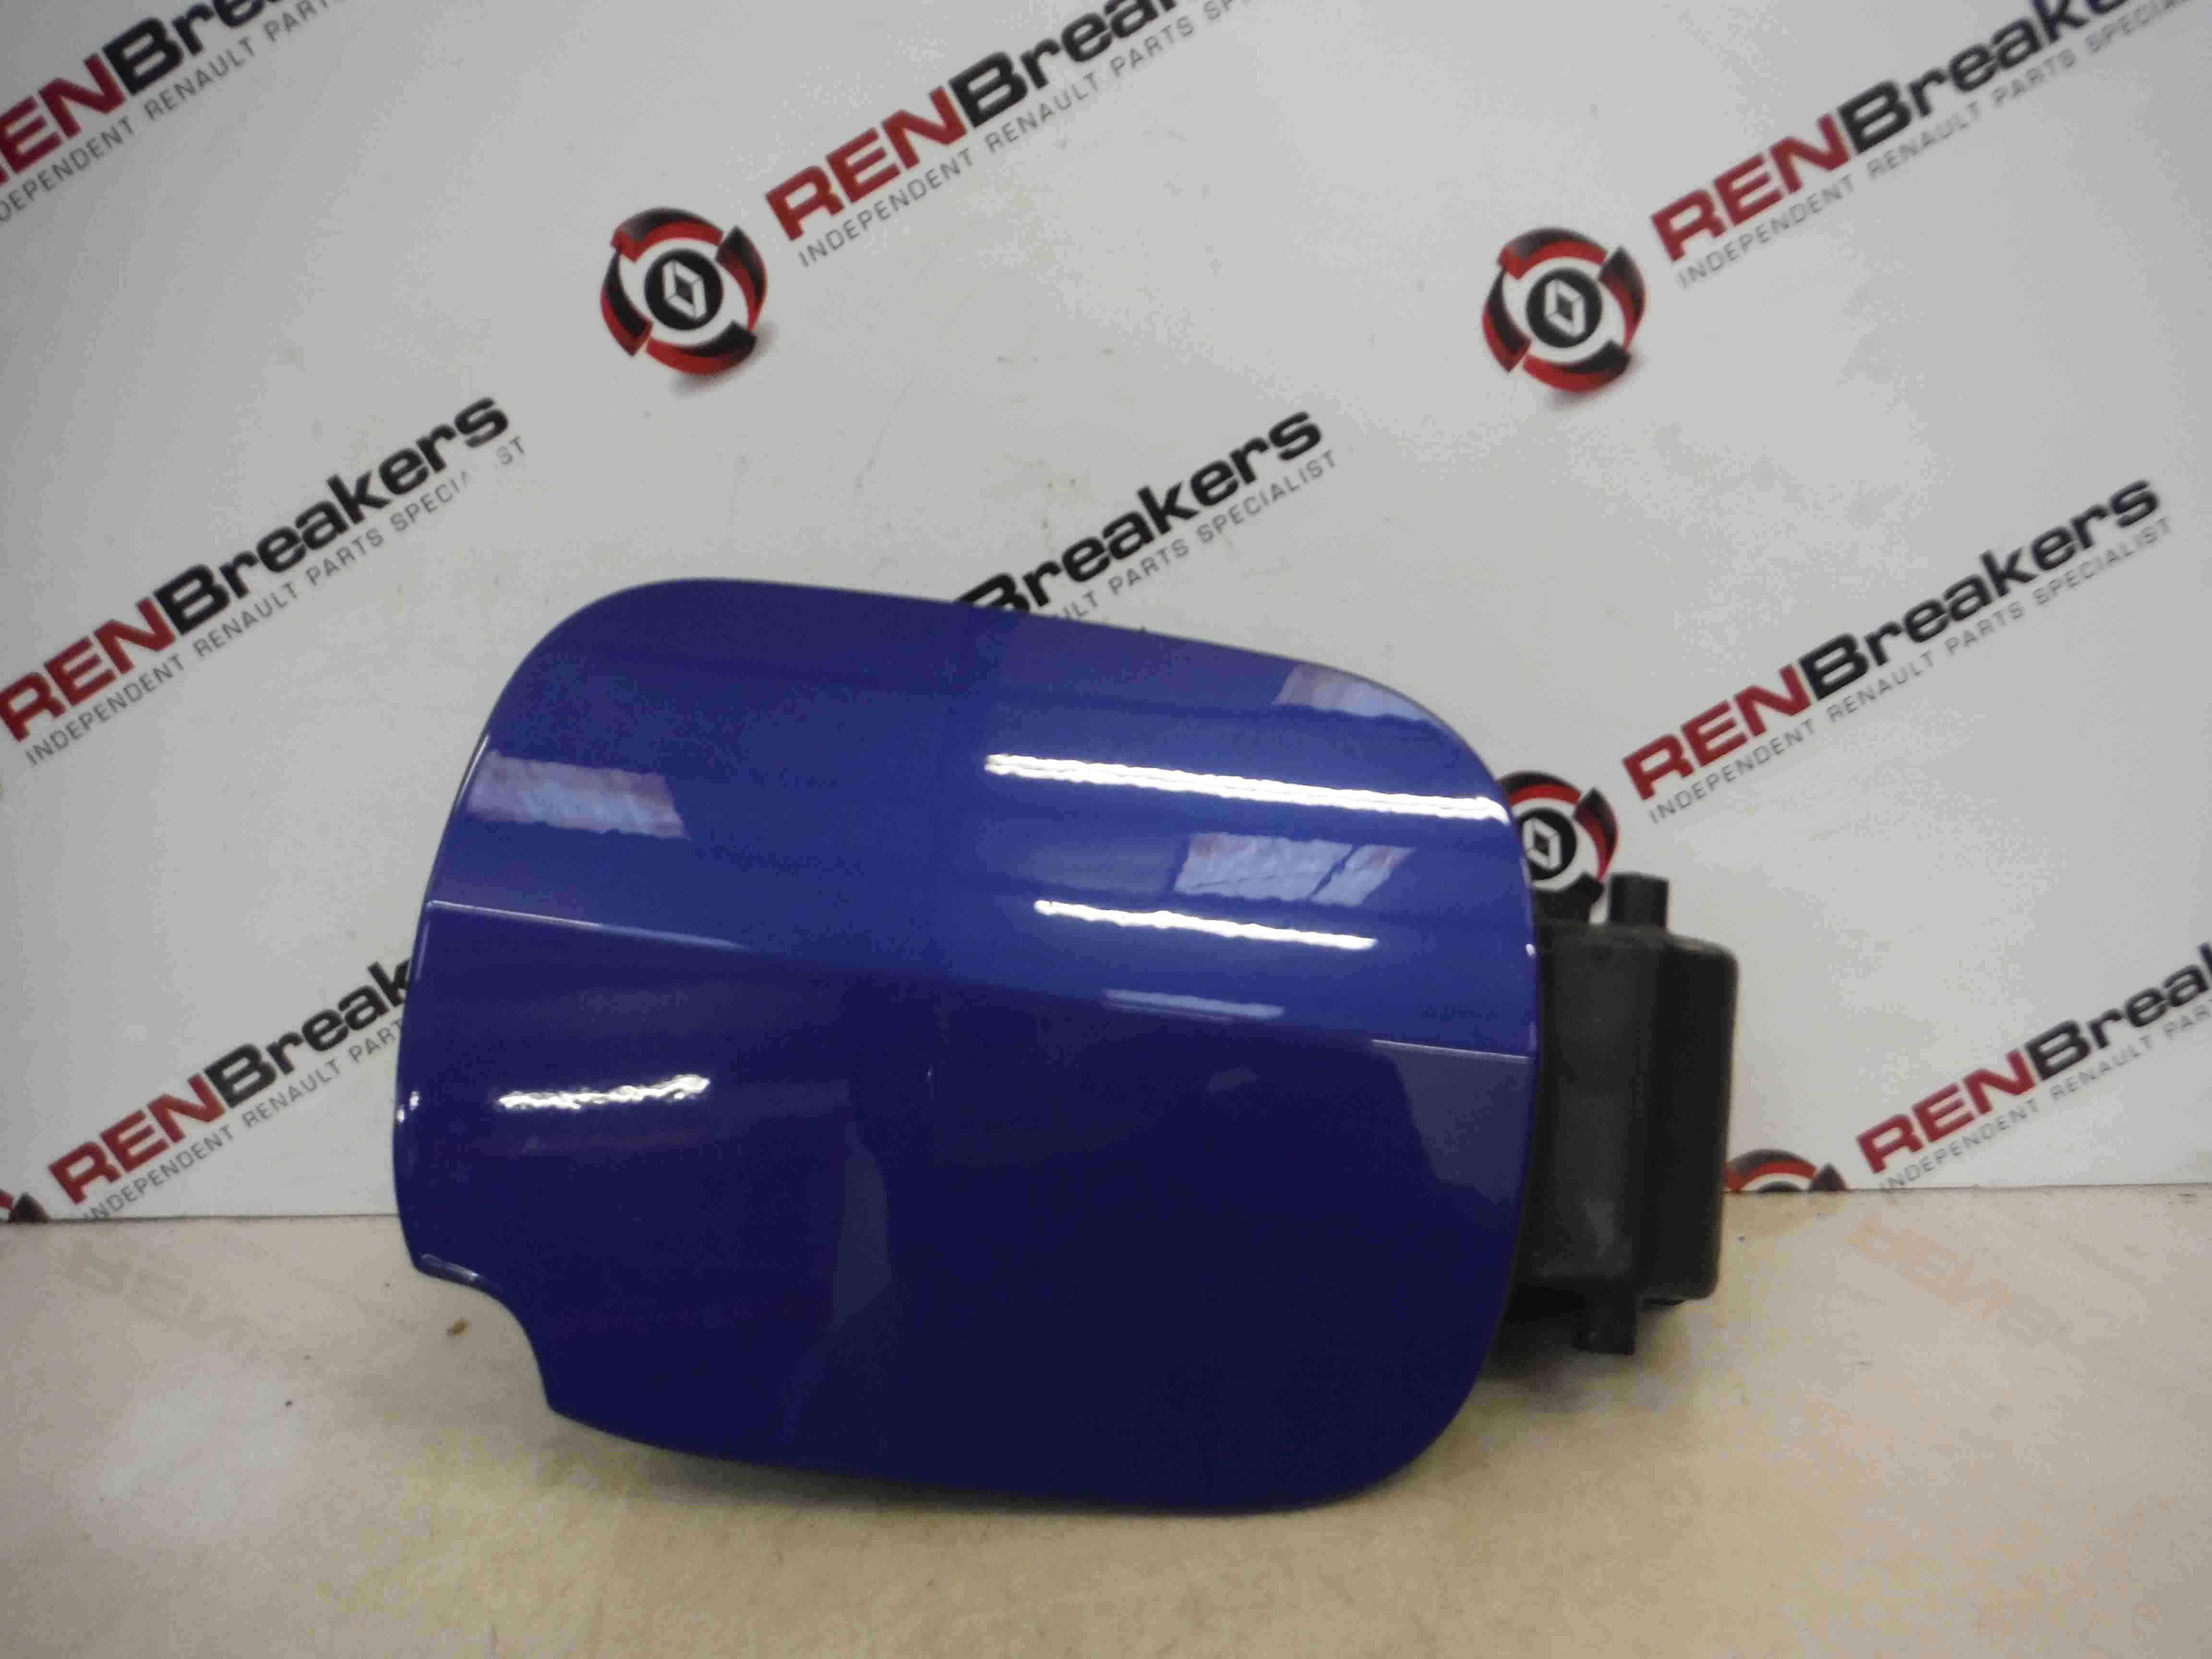 Renault Clio MK3 2009-2012 Petrol Diesel Fuel Flap Cover Blue TERNA + Hinges